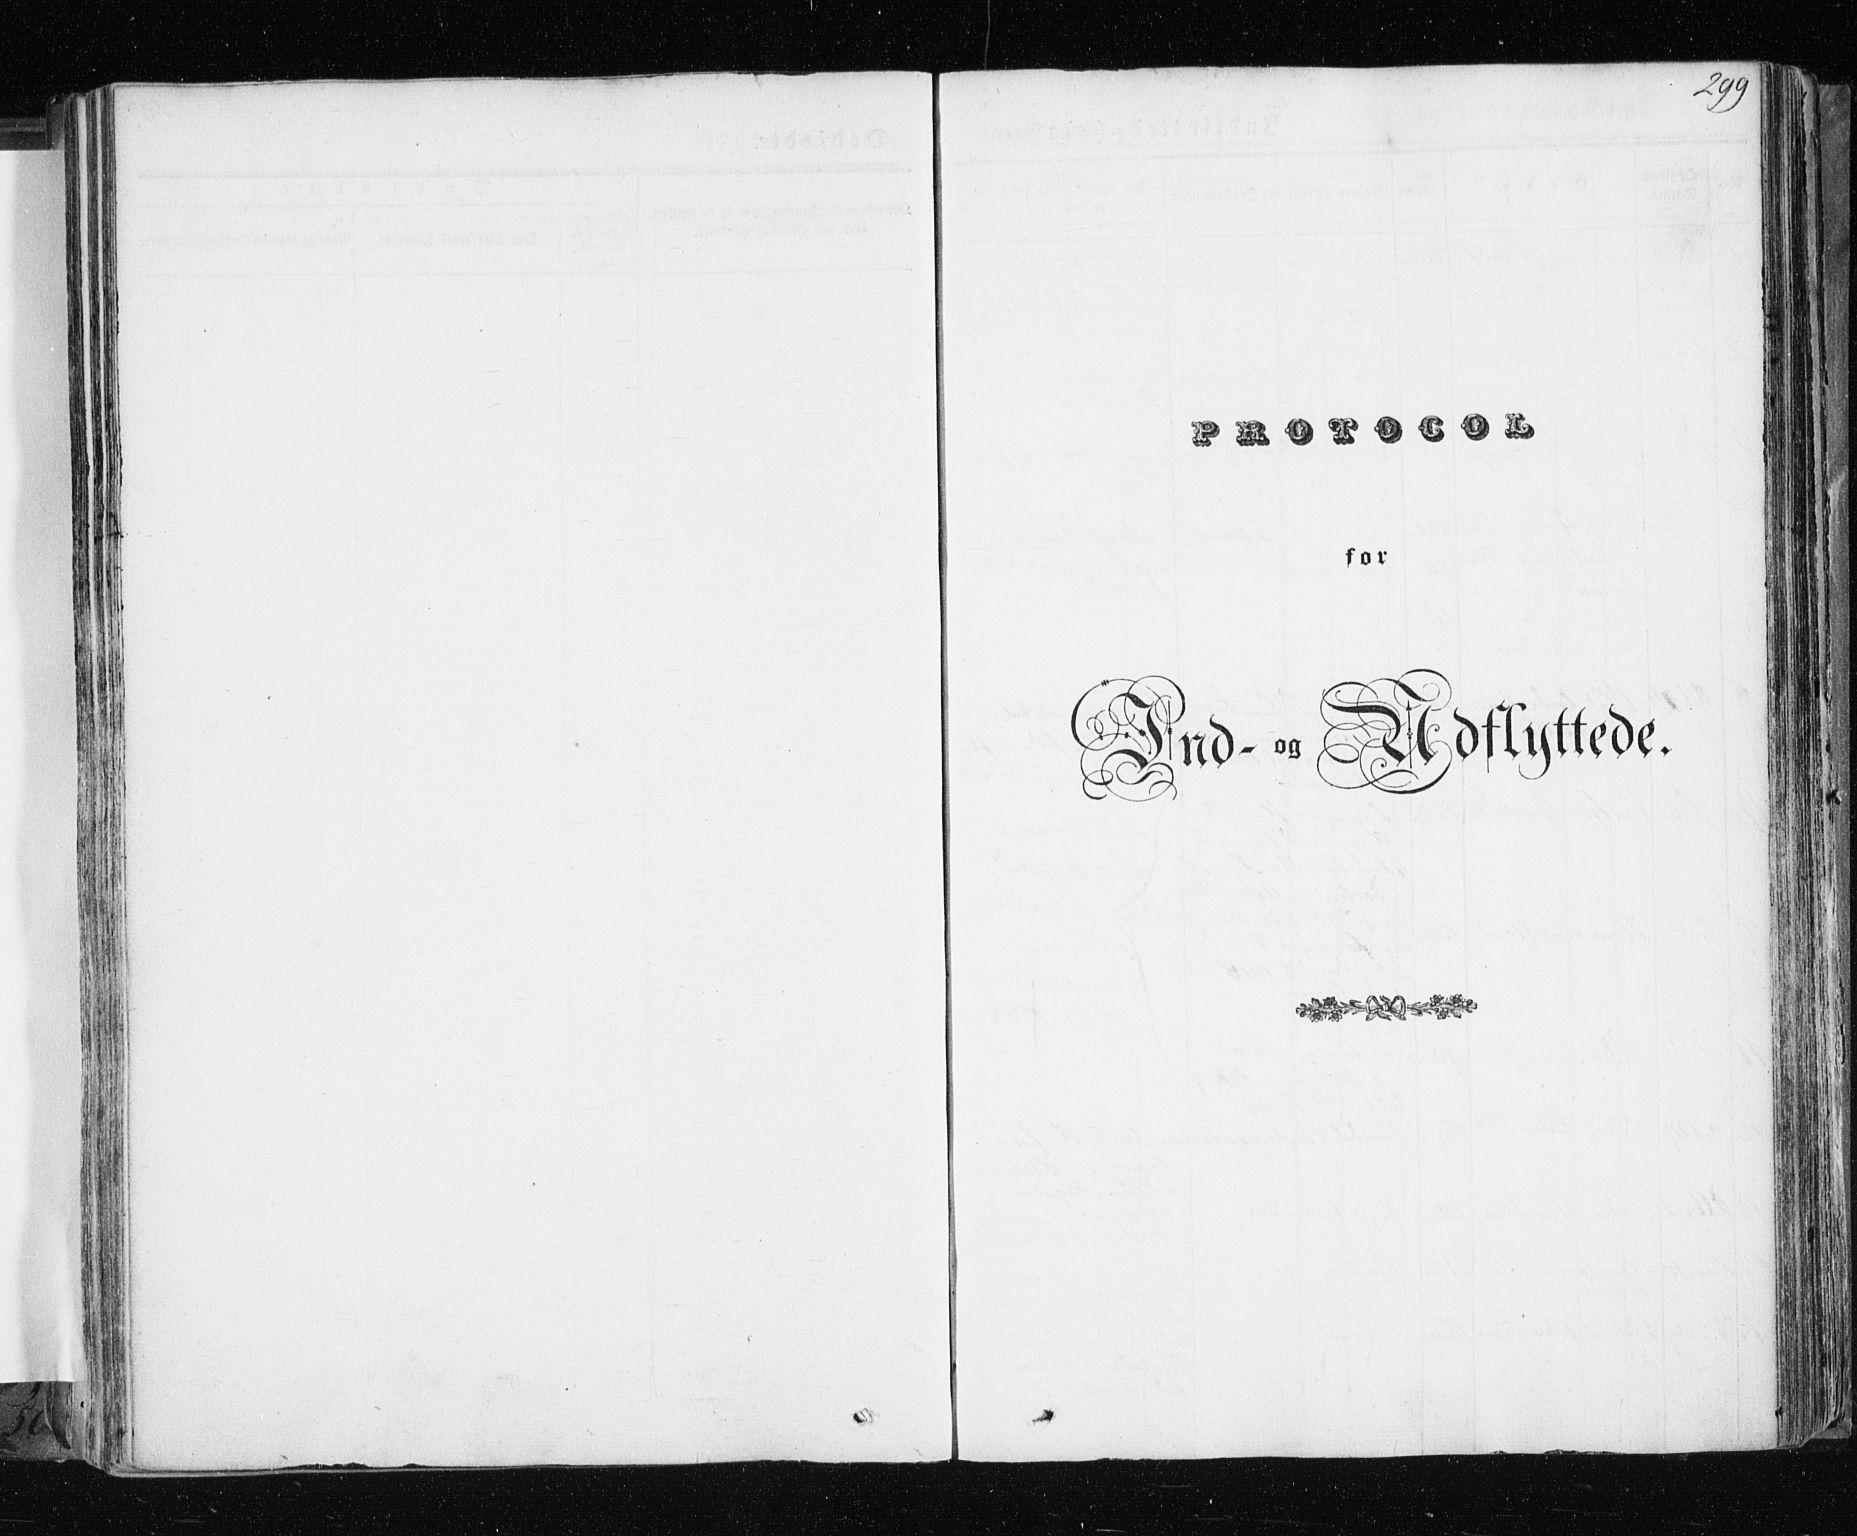 SATØ, Tromsø sokneprestkontor/stiftsprosti/domprosti, G/Ga/L0009kirke: Ministerialbok nr. 9, 1837-1847, s. 299